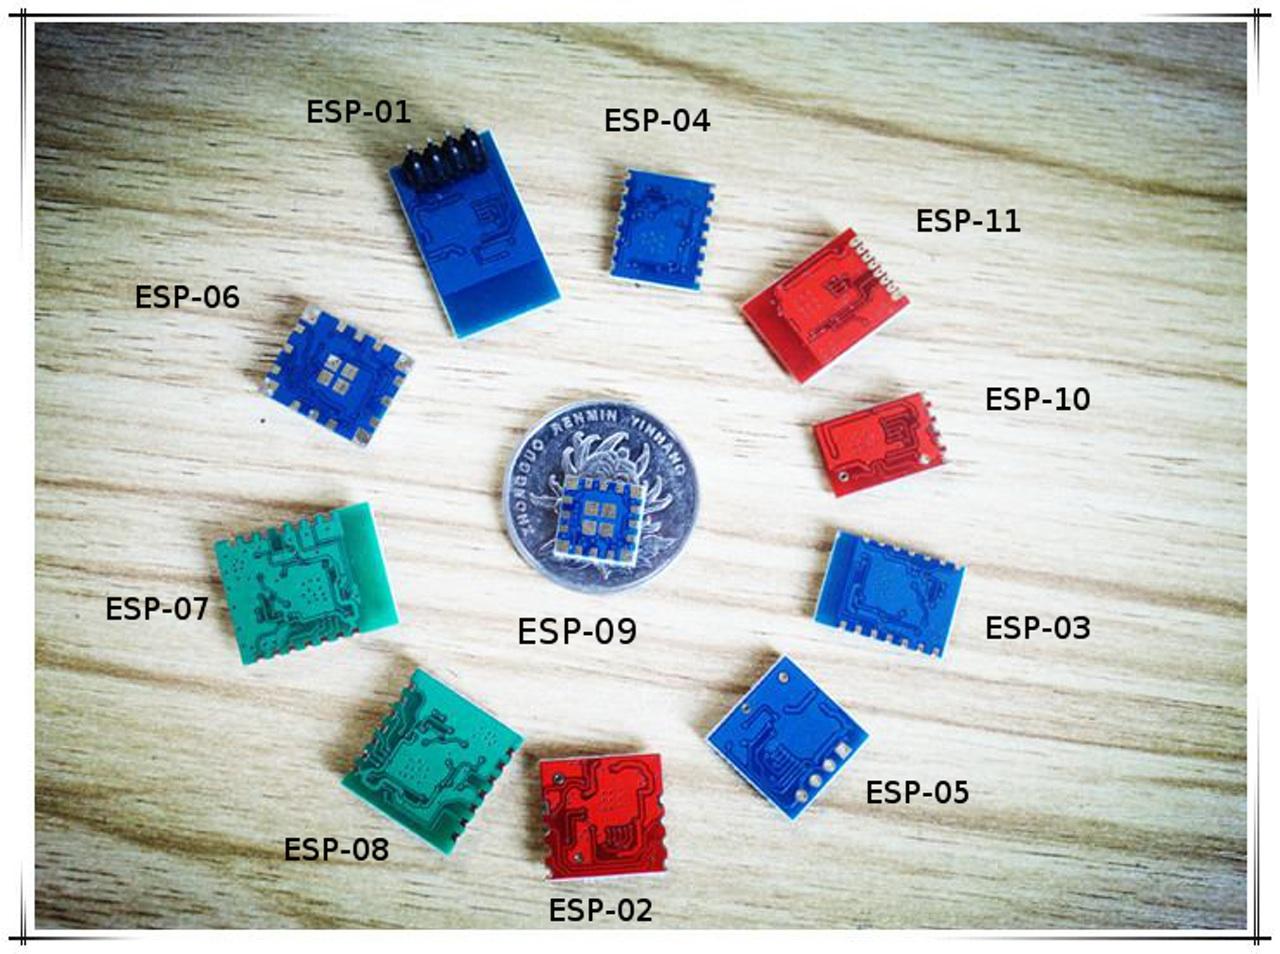 ESP8266板卡眾多,如何選擇?